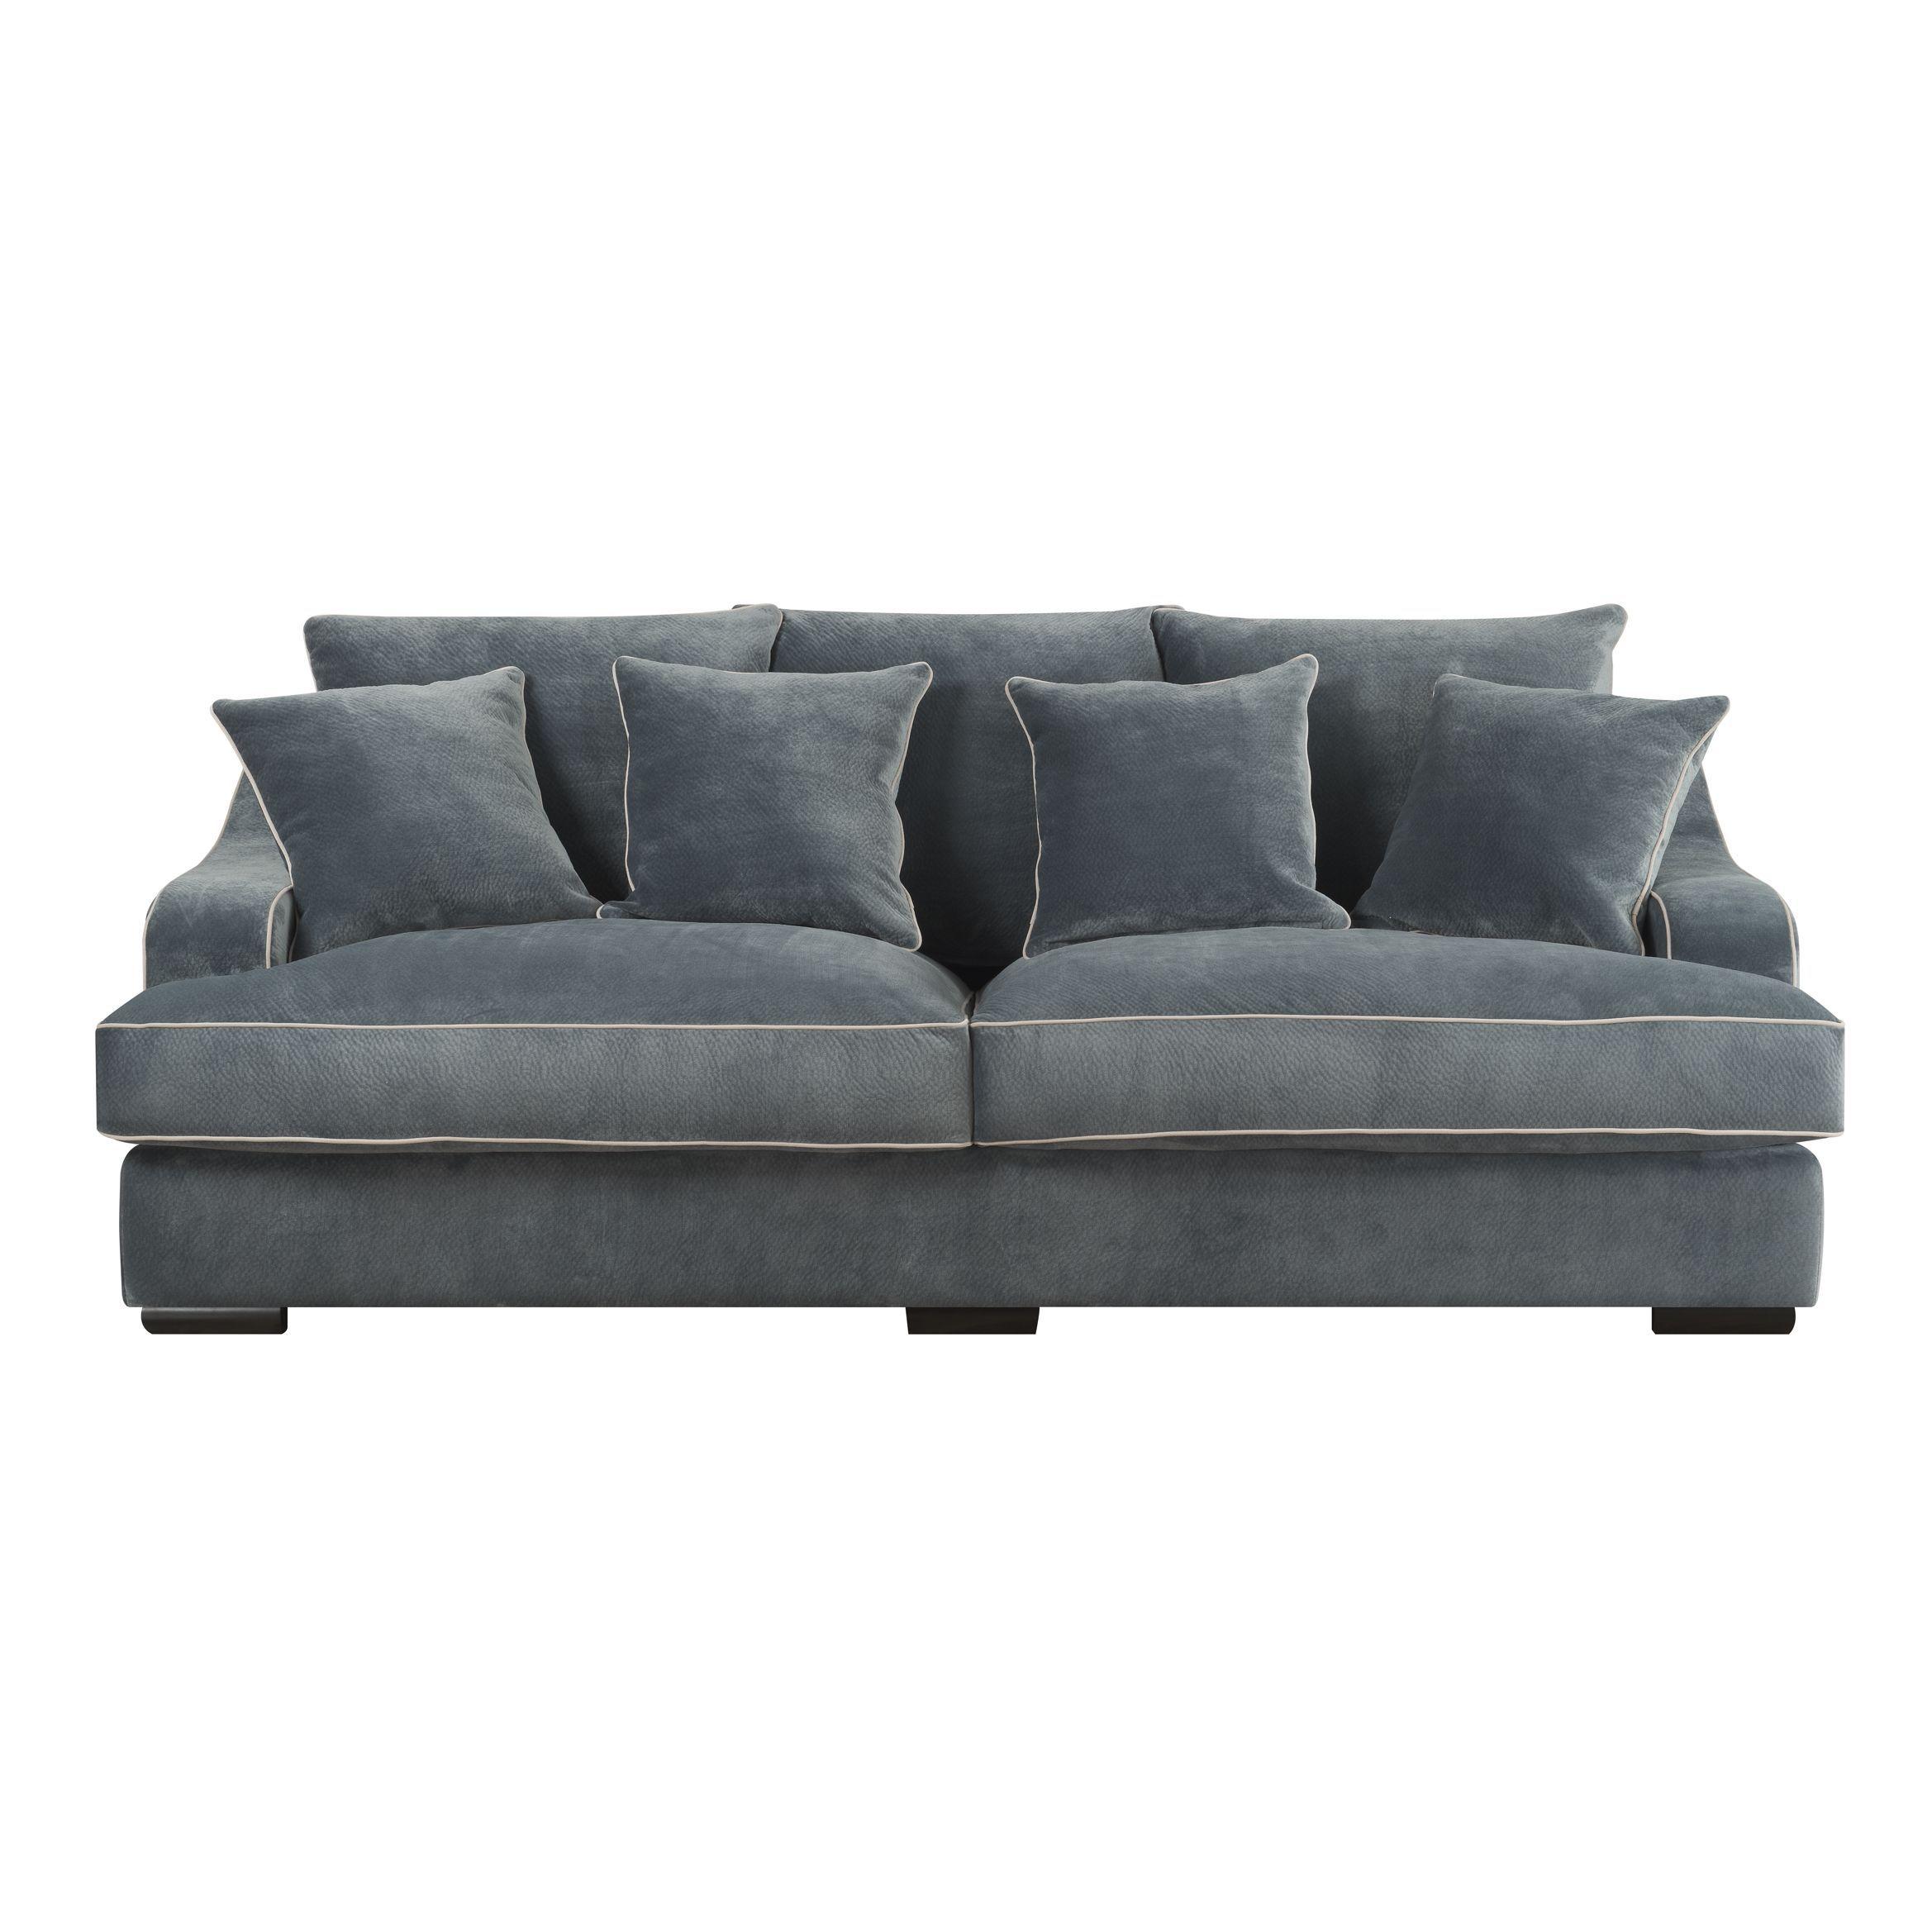 Emerald Caresse Marine Blue Plush Oversized Sofa (Caresse Marine Blue Plush  Oversized Sofa) (Polyester)